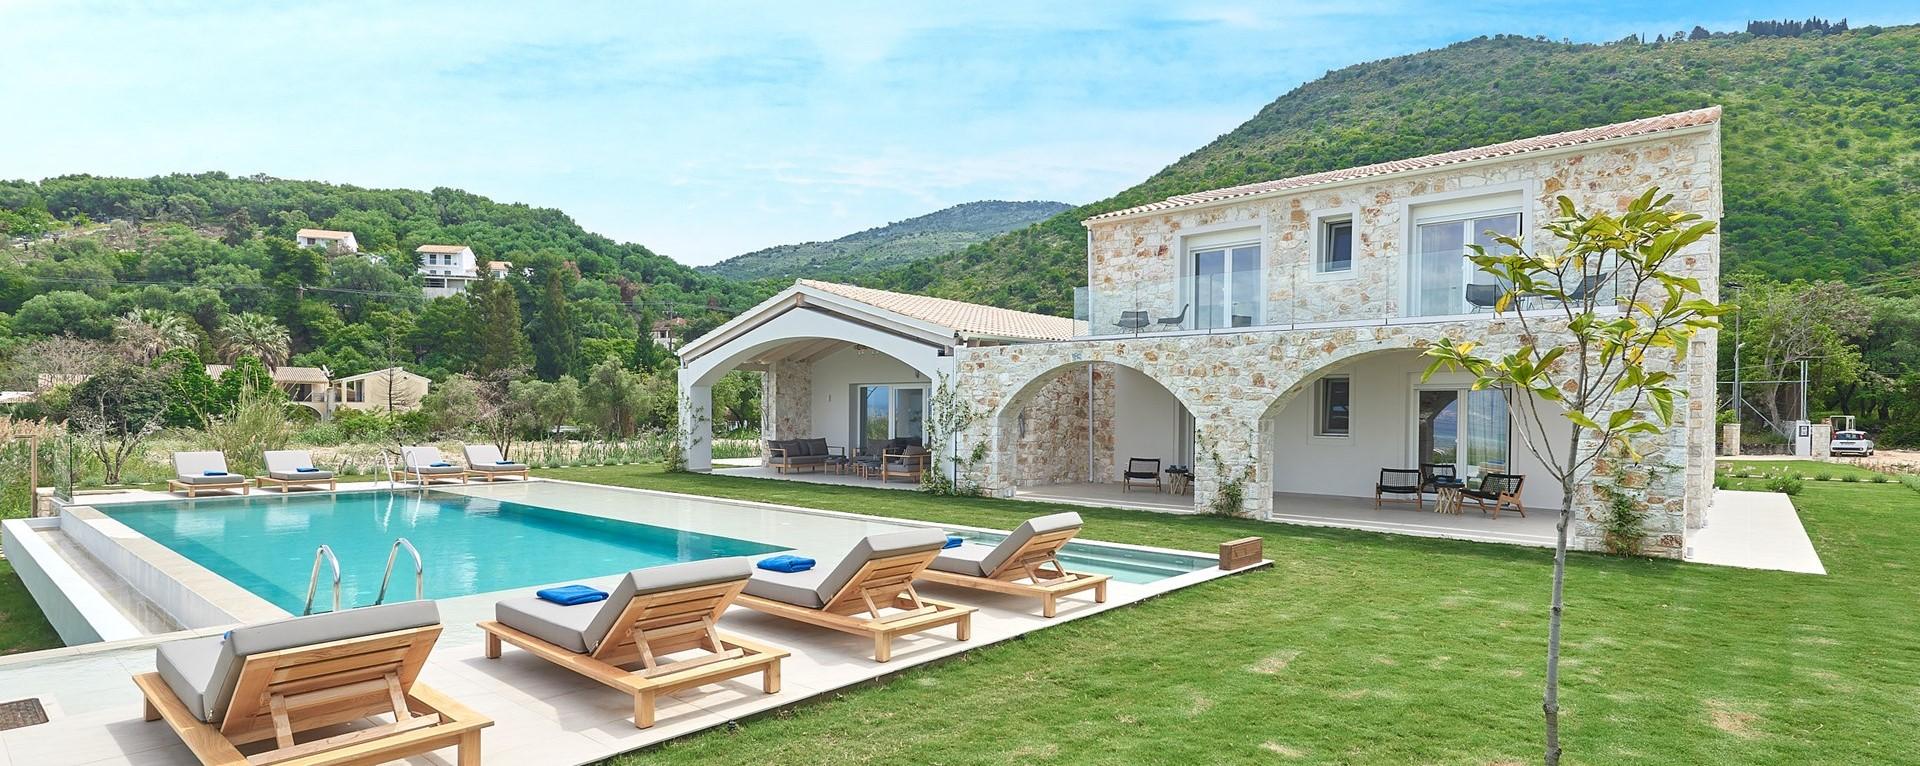 nero-beach-house-corfu